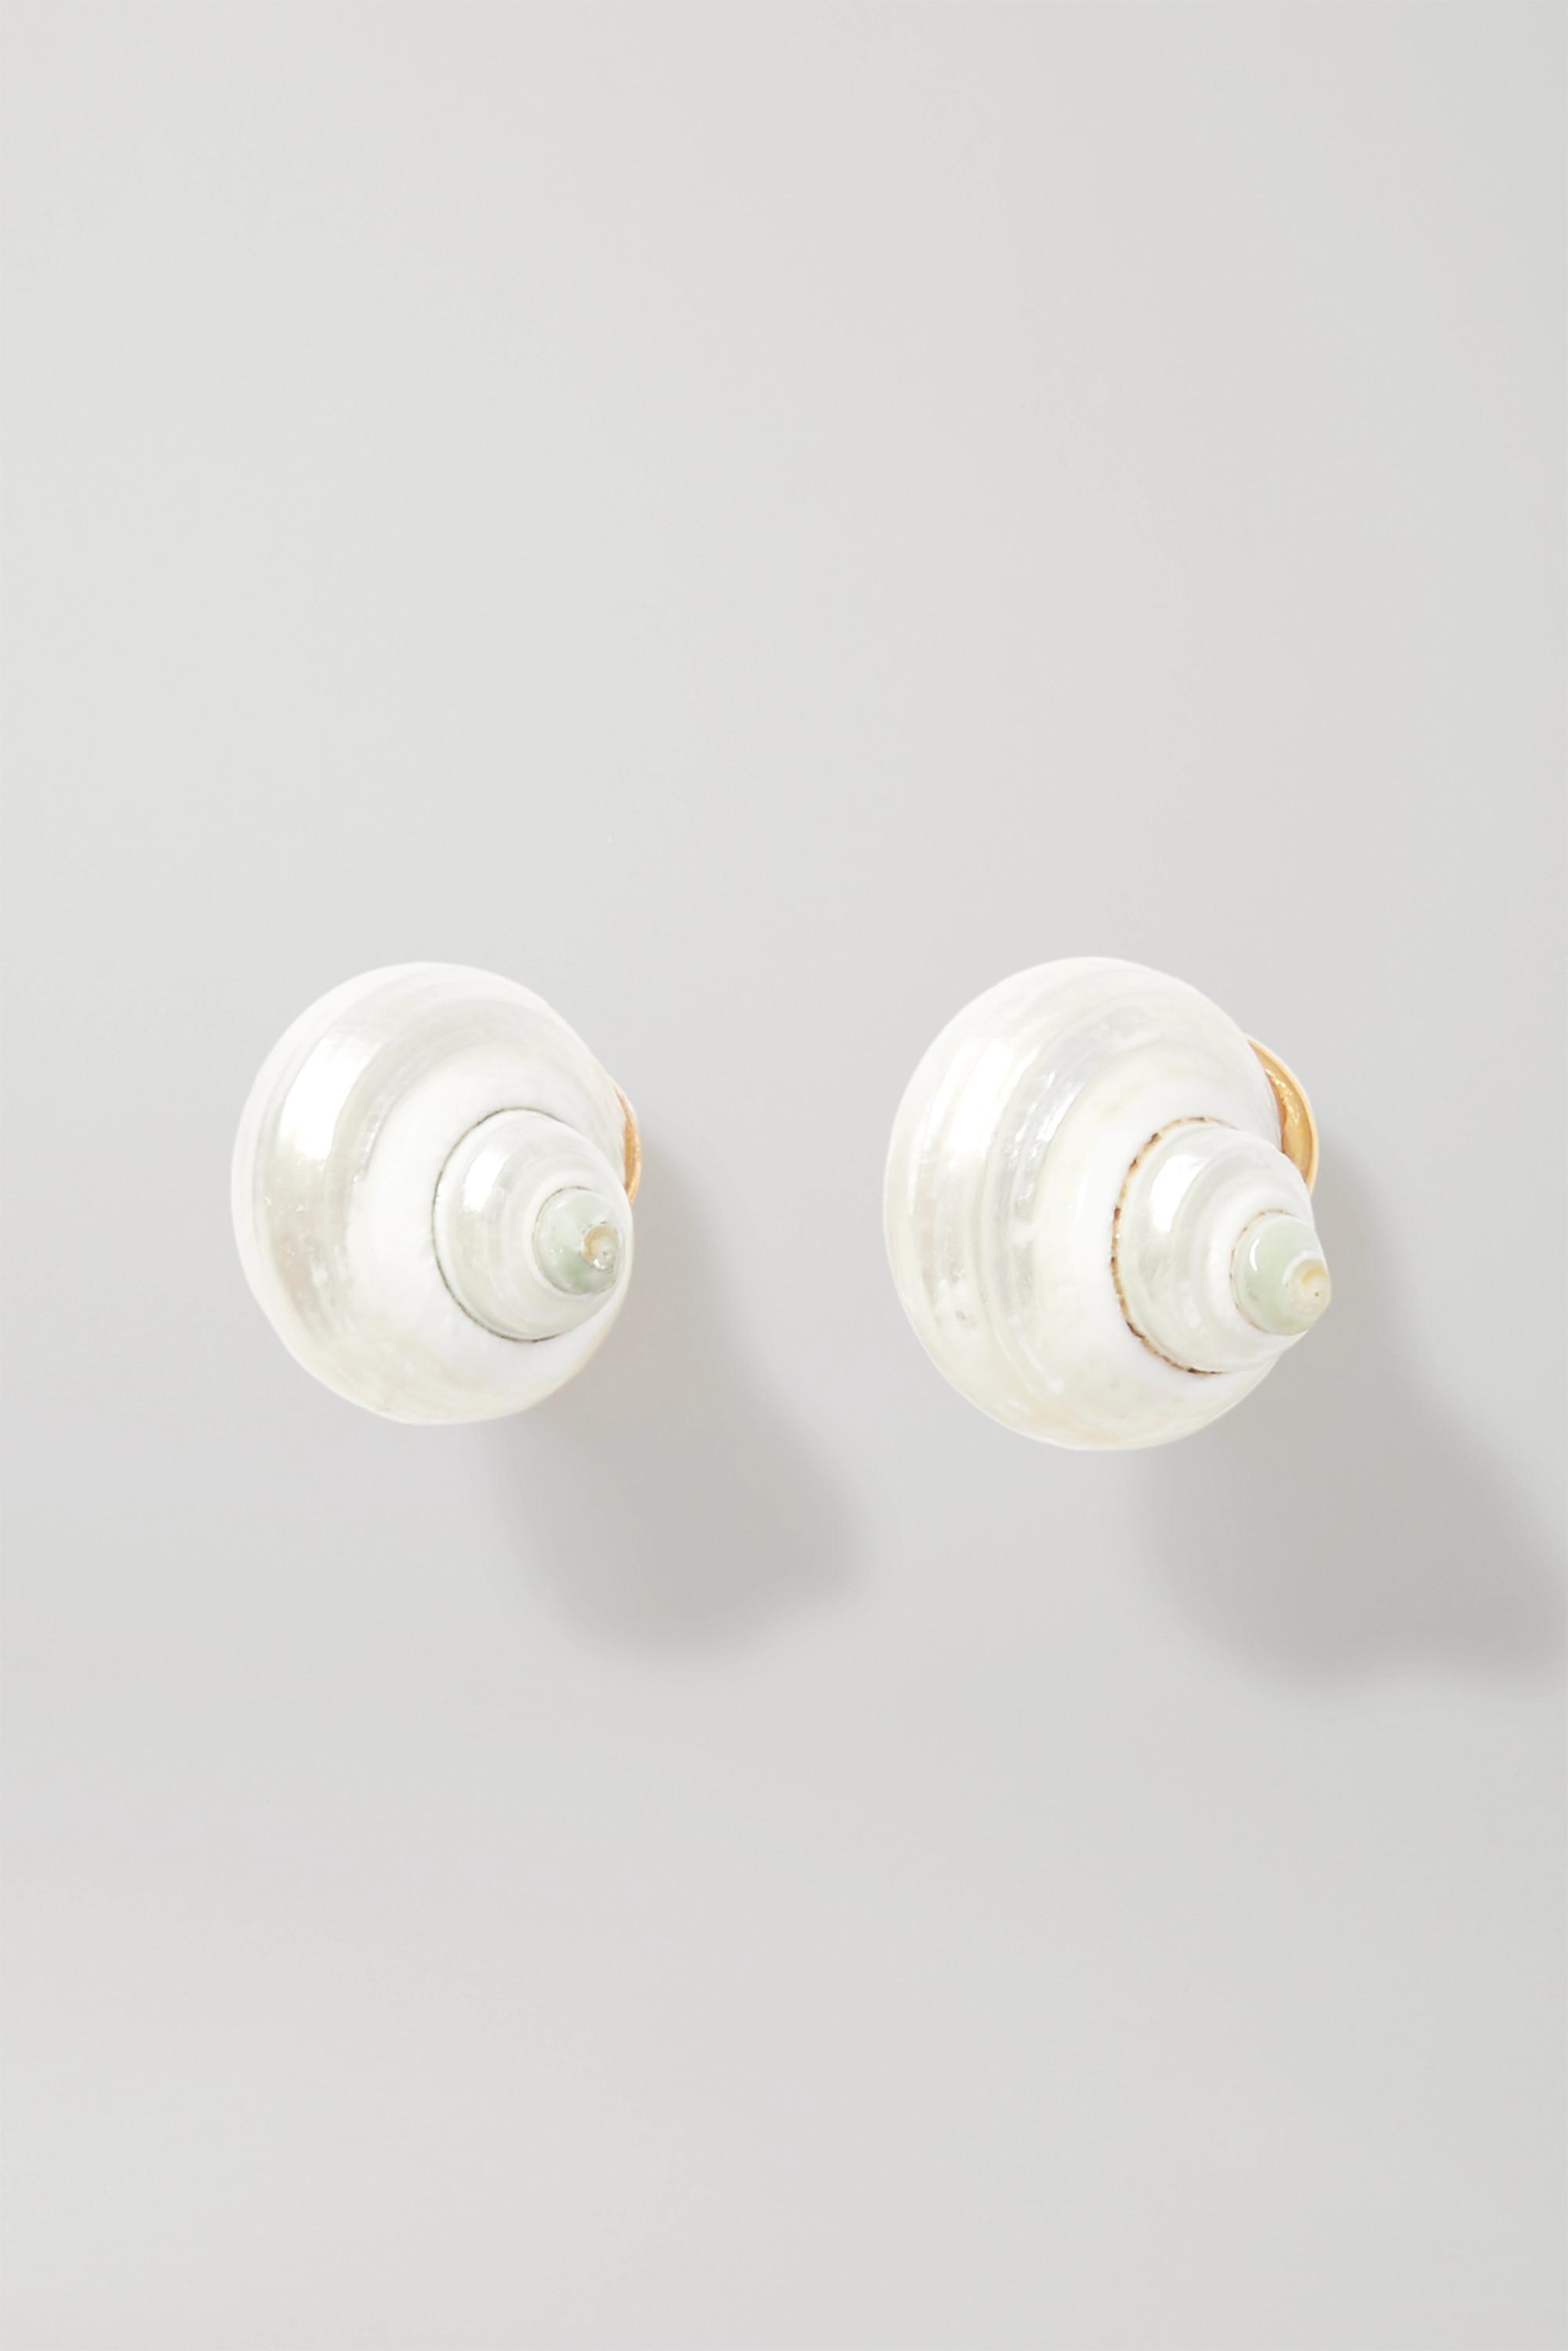 Prada Boucles d'oreilles clip en métal doré et coquillages